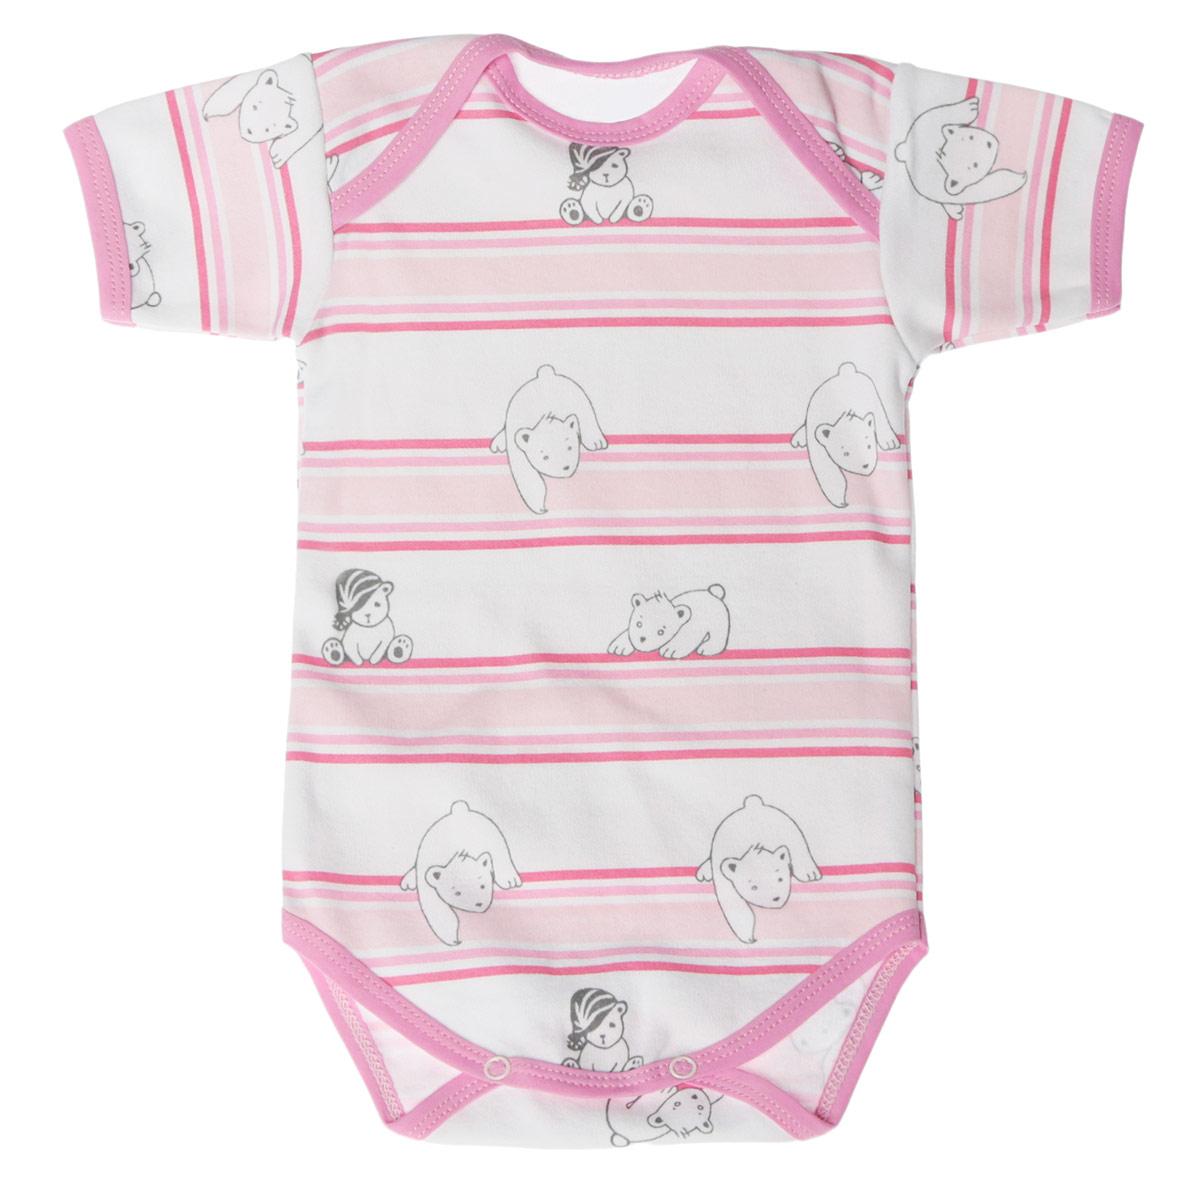 Боди-футболка детская Трон-плюс, цвет: белый, розовый. 5873_мишка, полоска. Размер 80, 12 месяцев